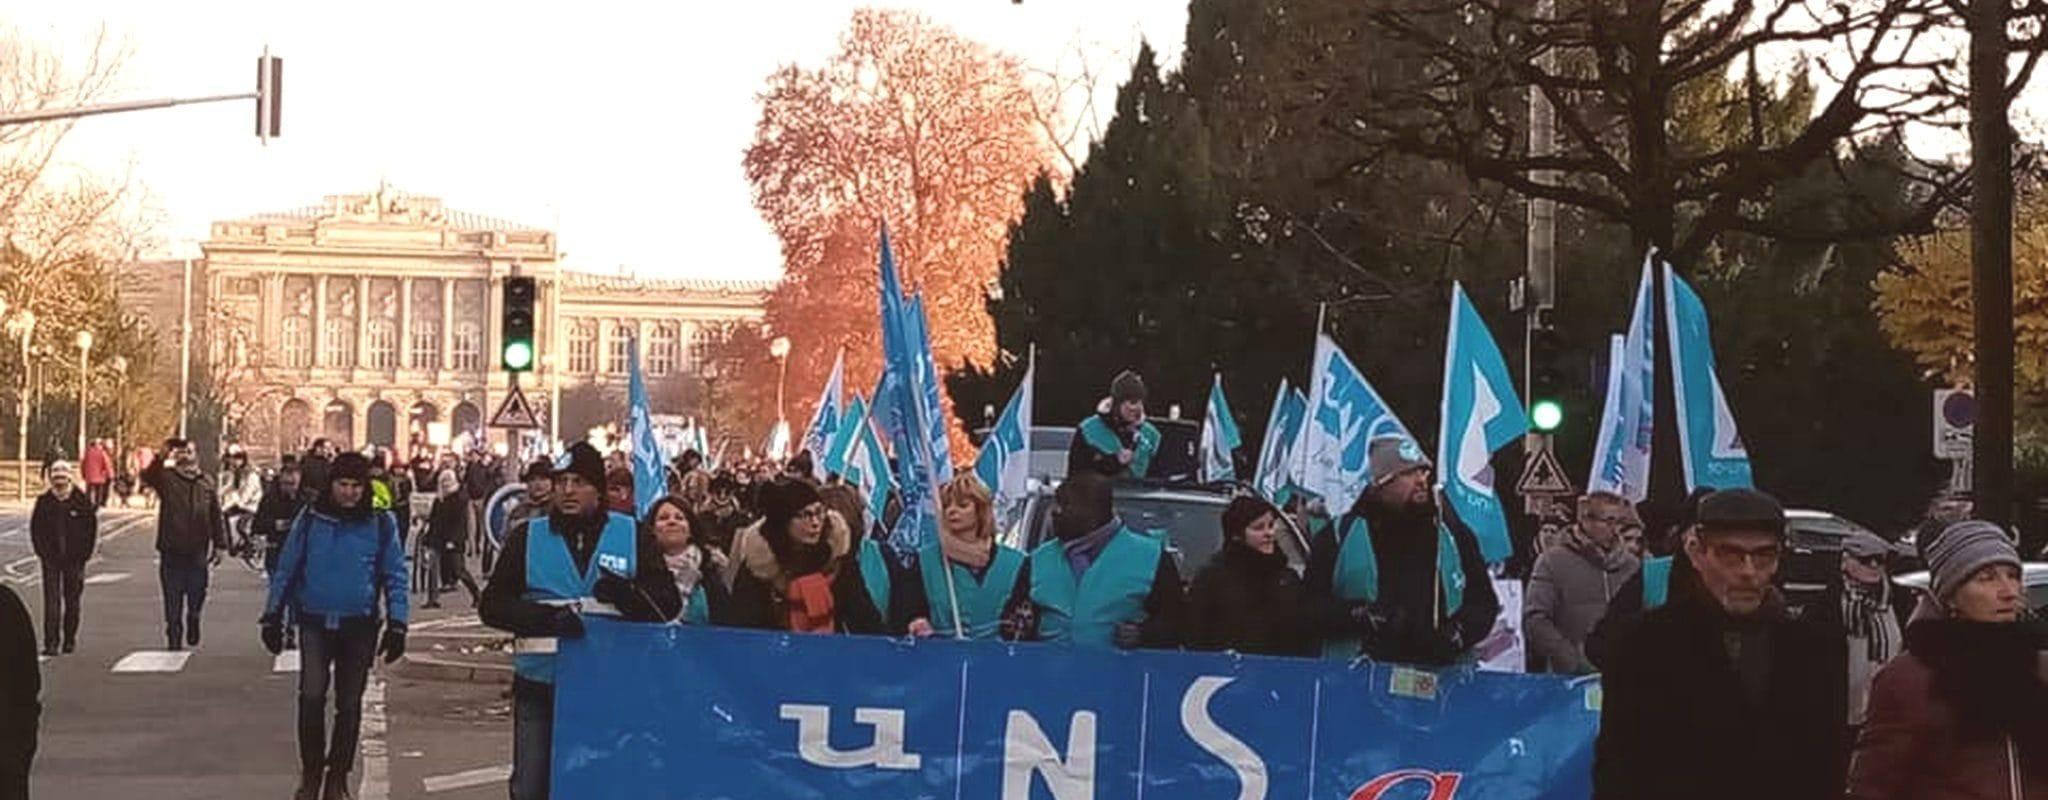 Perturbations limitées pour le début de grève à la CTS les 24 et 25 décembre